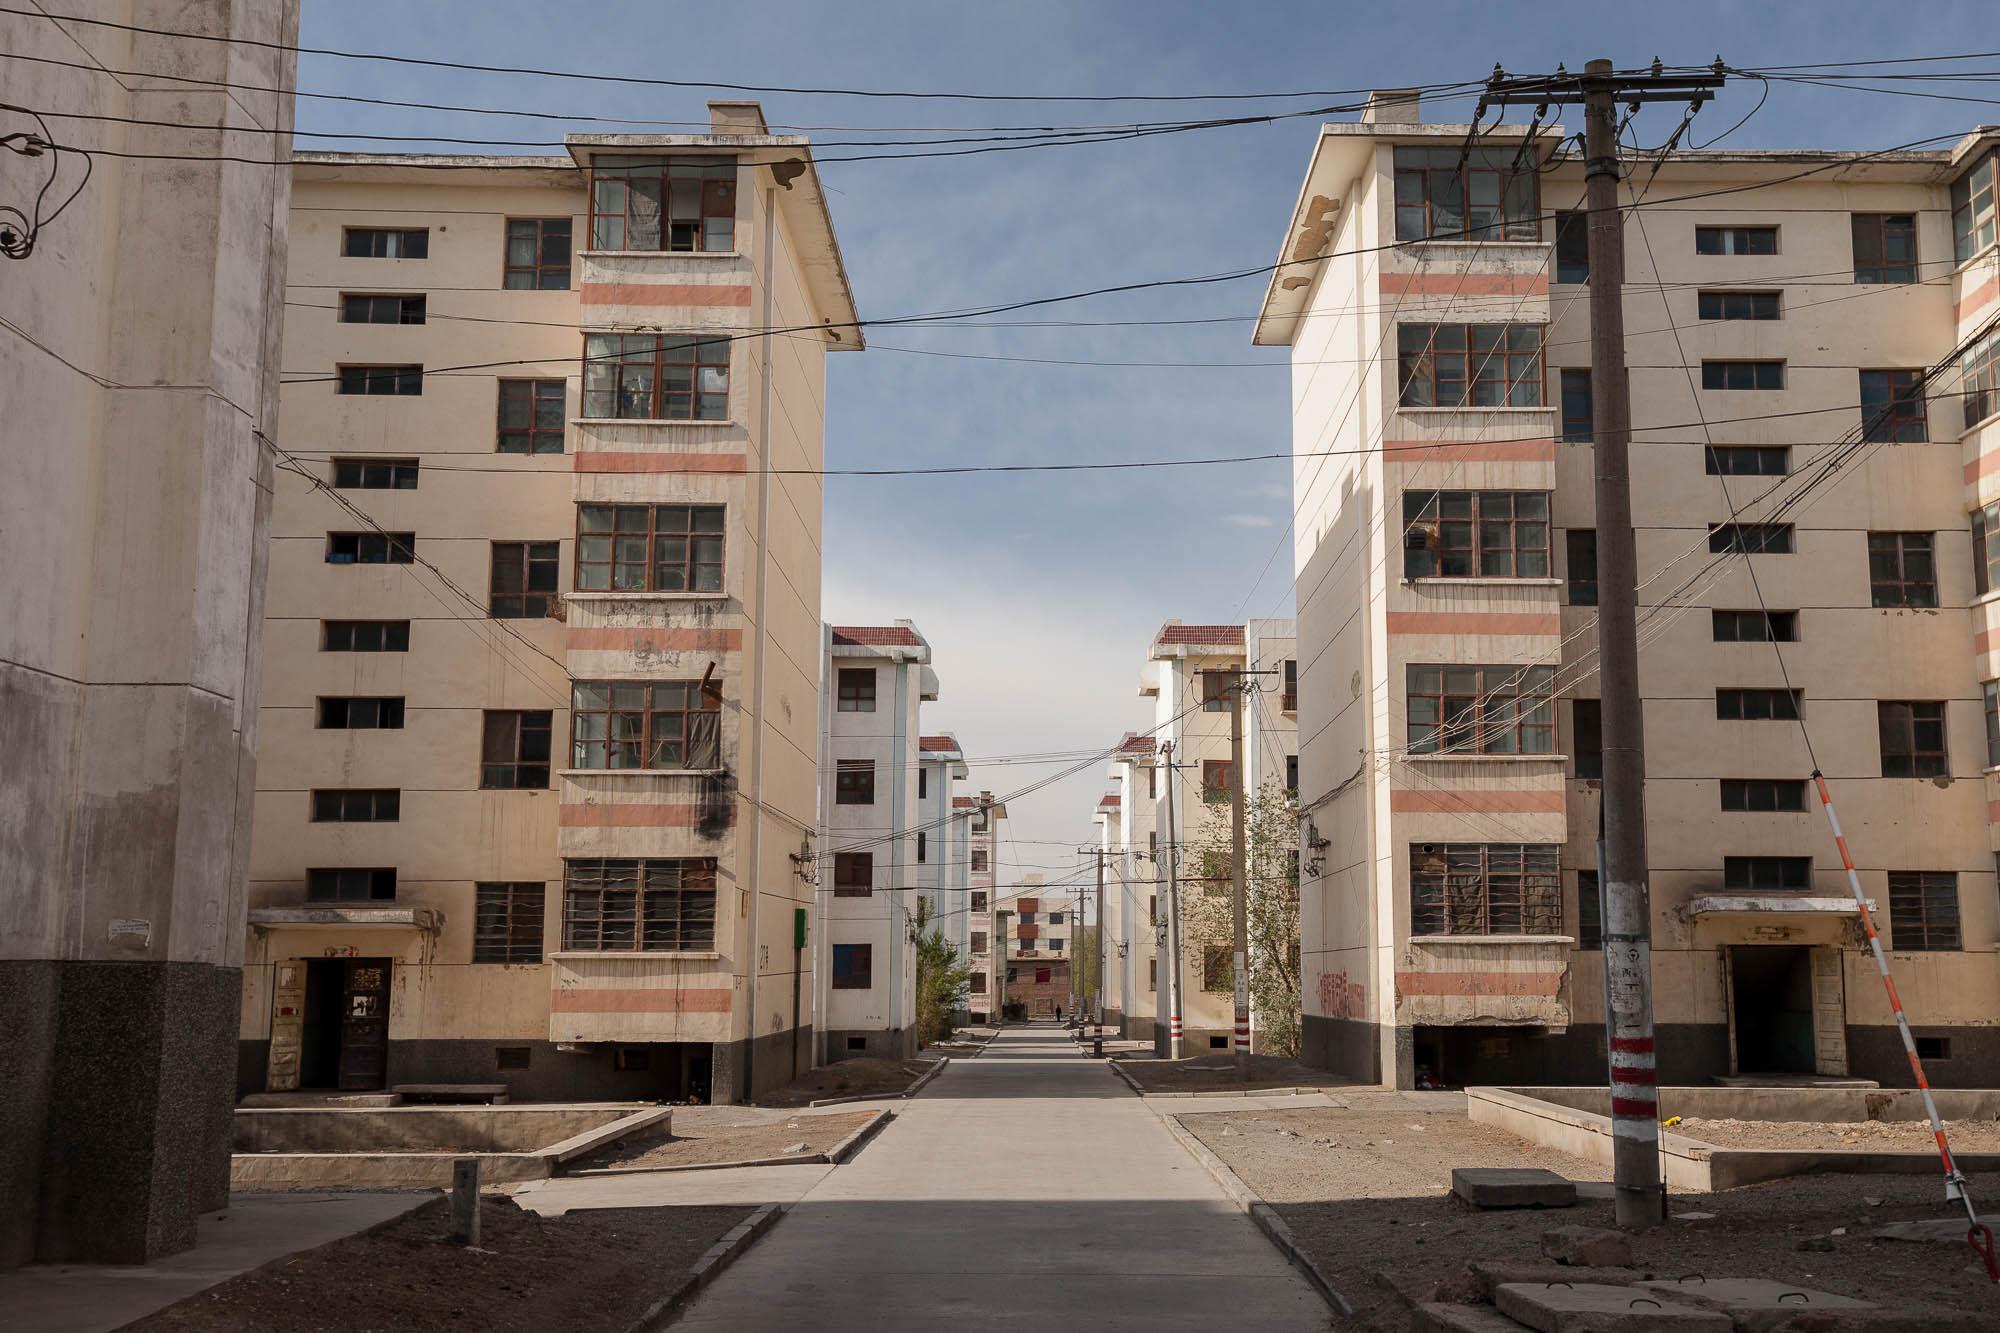 housing in Liuyuan